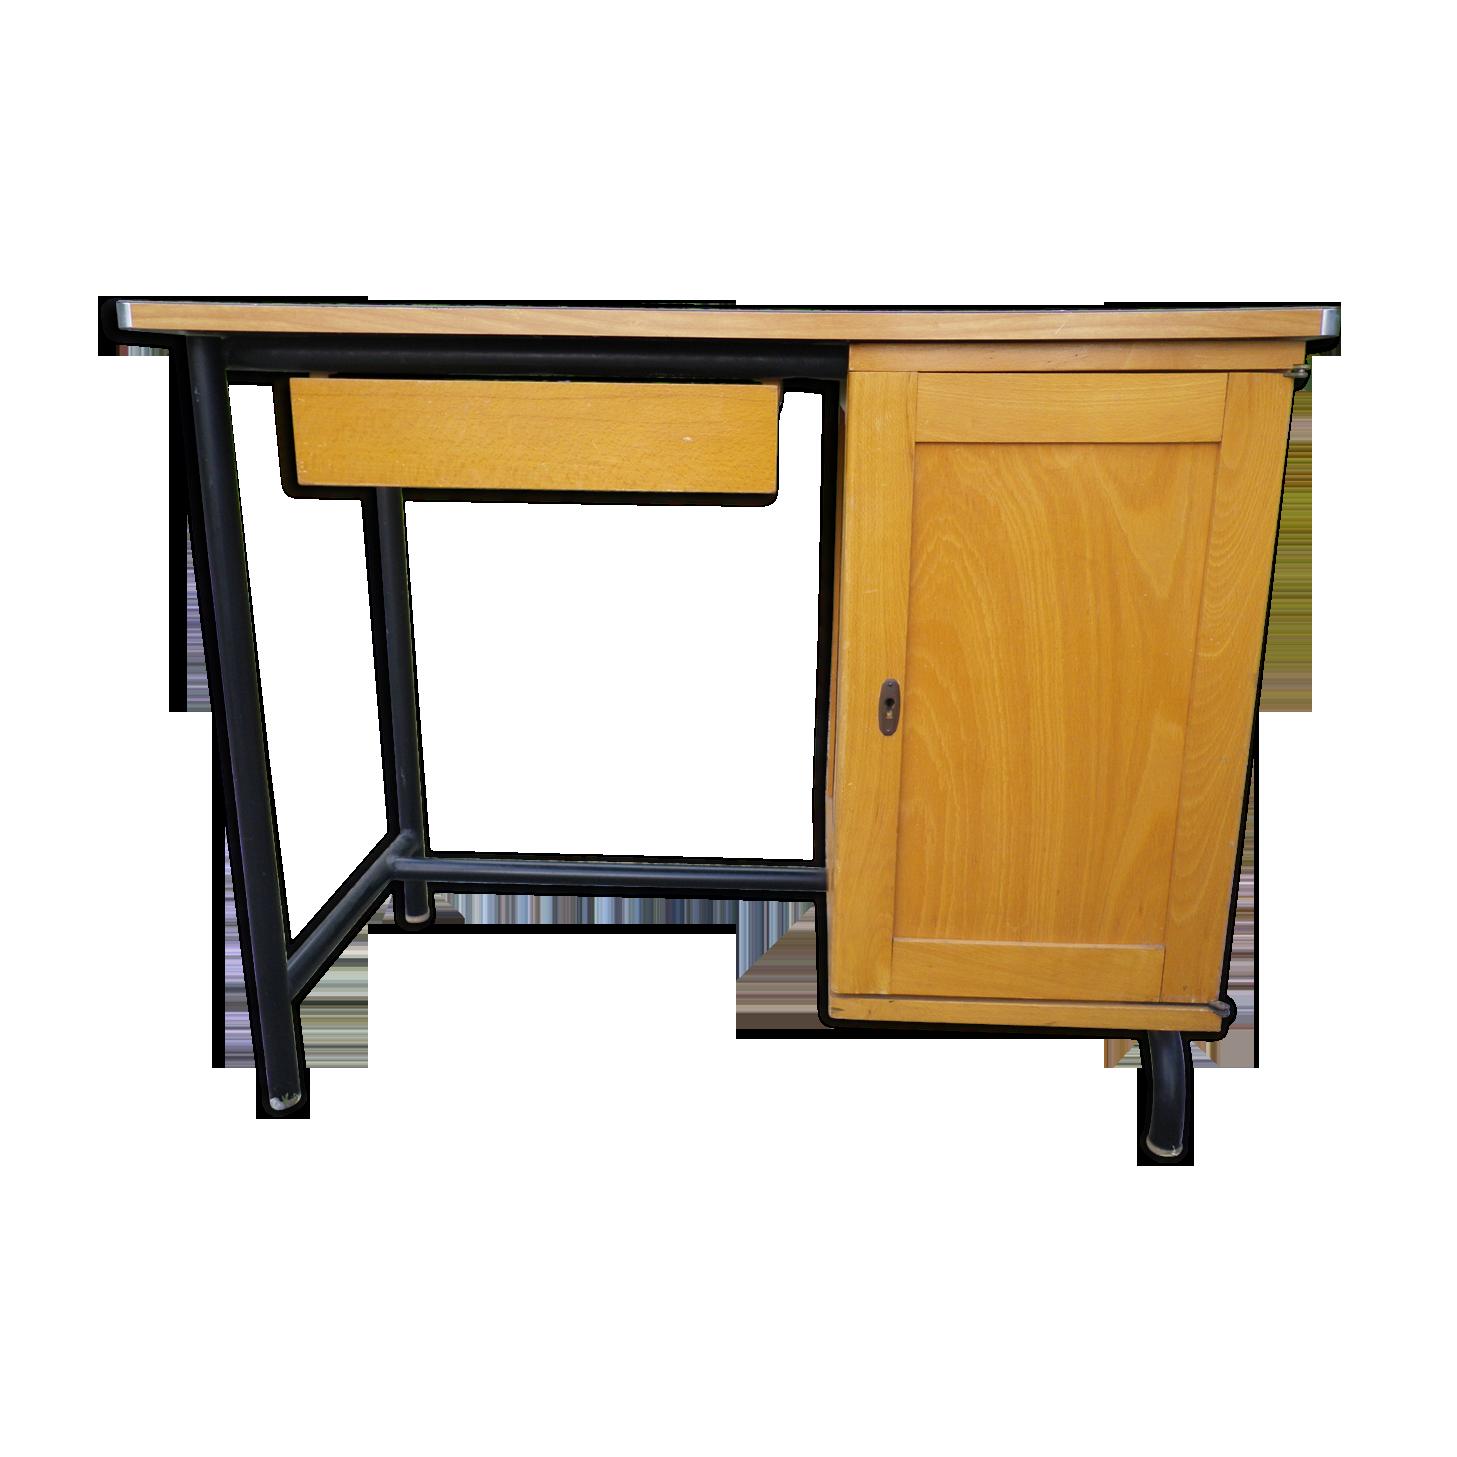 Bureau bois et métal années bois matériau bois couleur